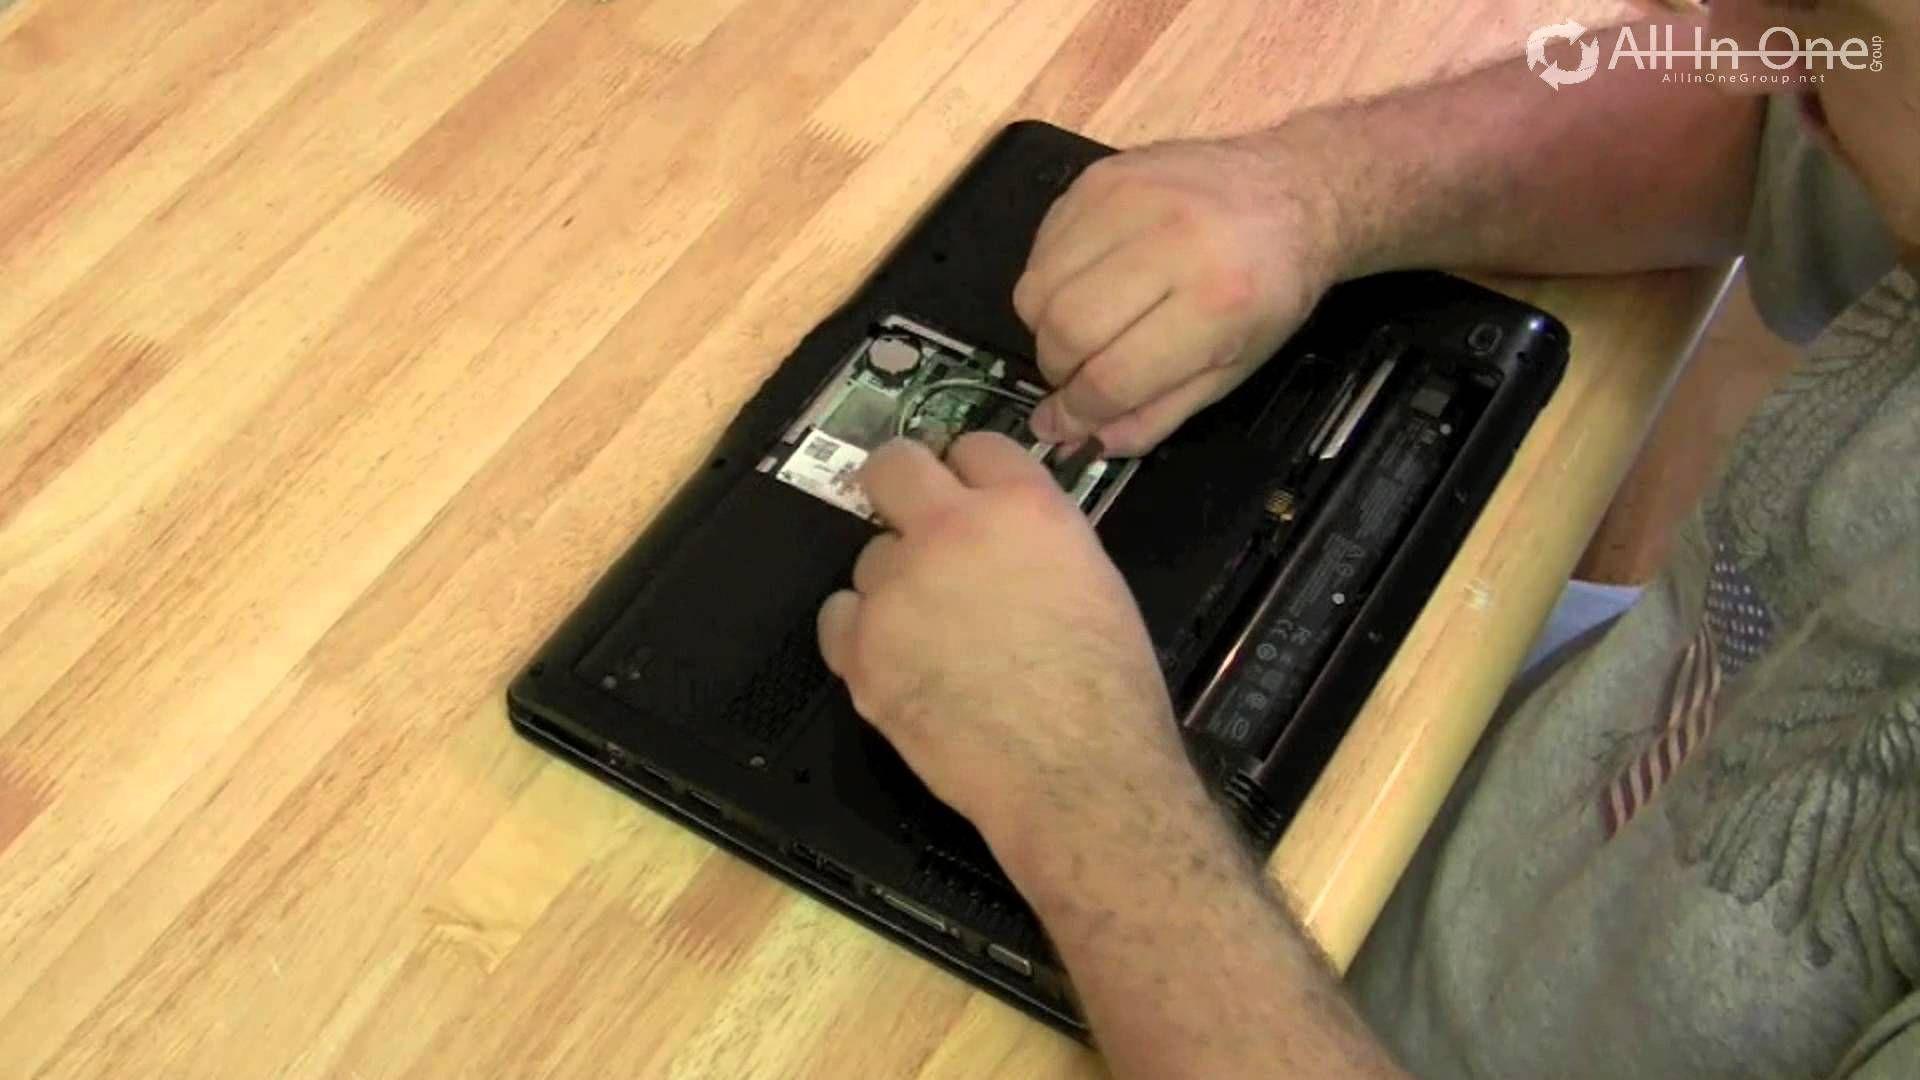 Mis Onsite equipment repair hustler manuals